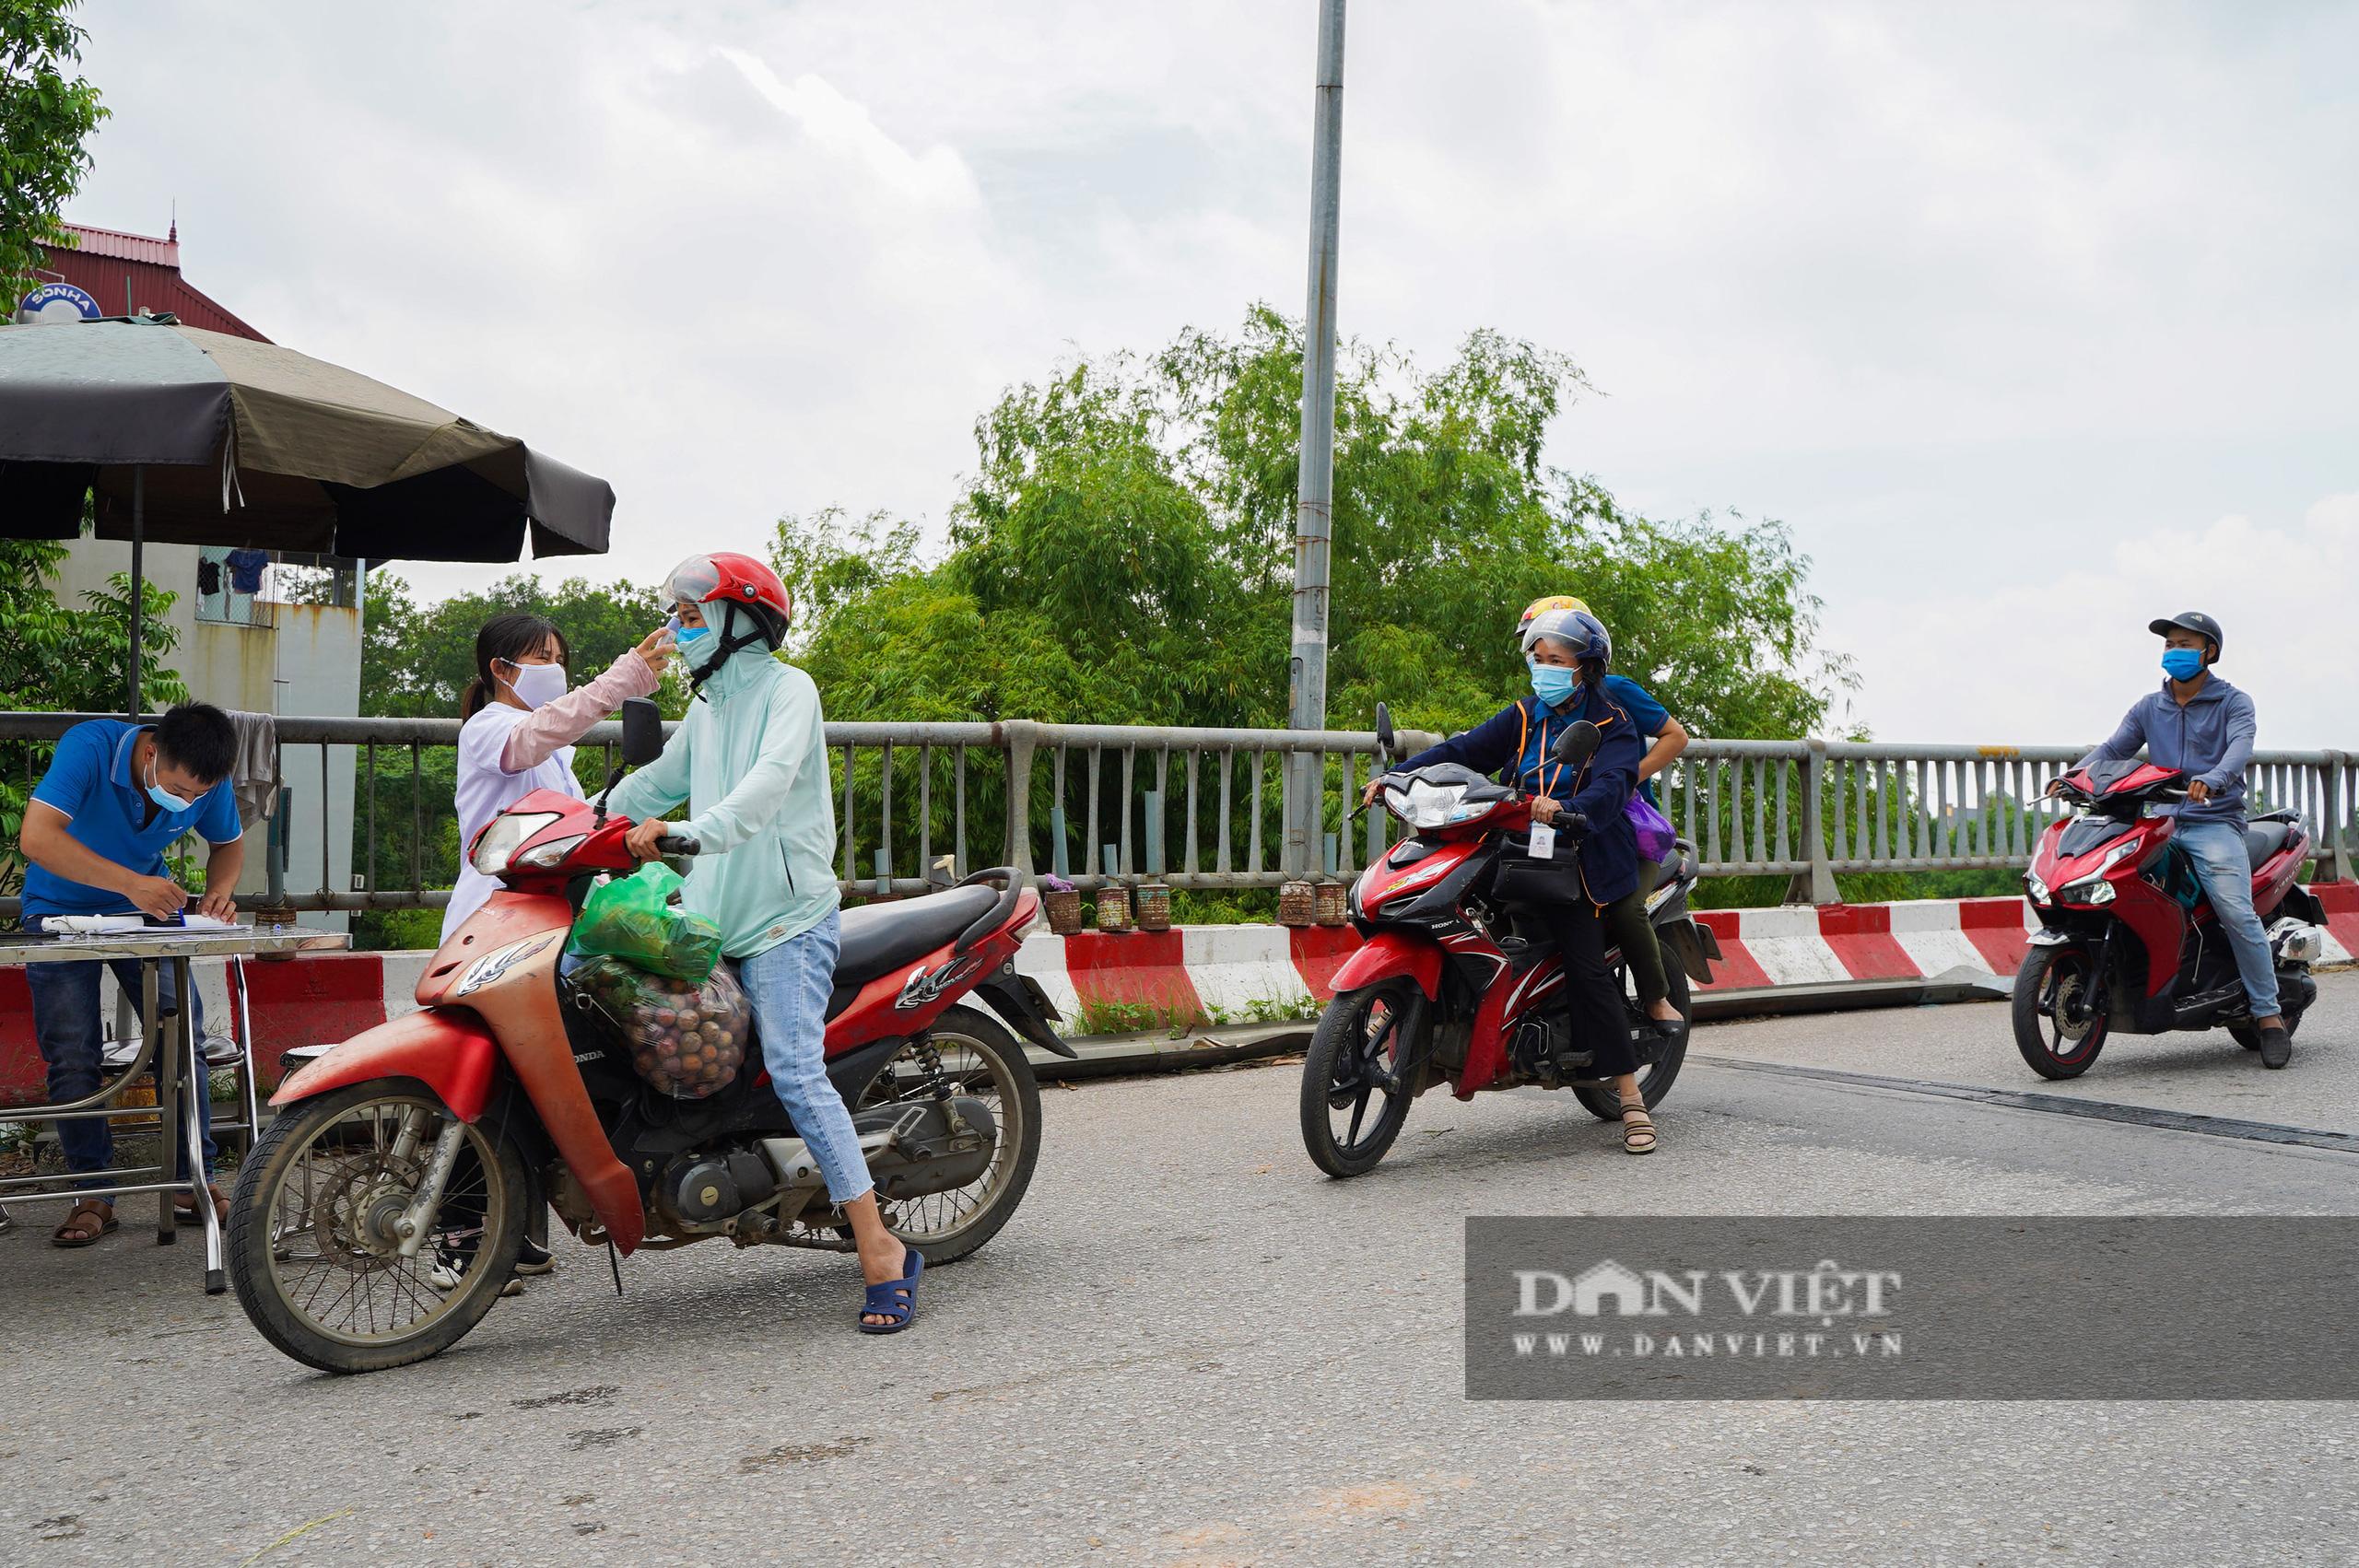 Hà Nội: Đổ đất, dựng rào phòng dịch tại các nơi tiếp giáp Bắc Giang, Bắc Ninh - Ảnh 4.